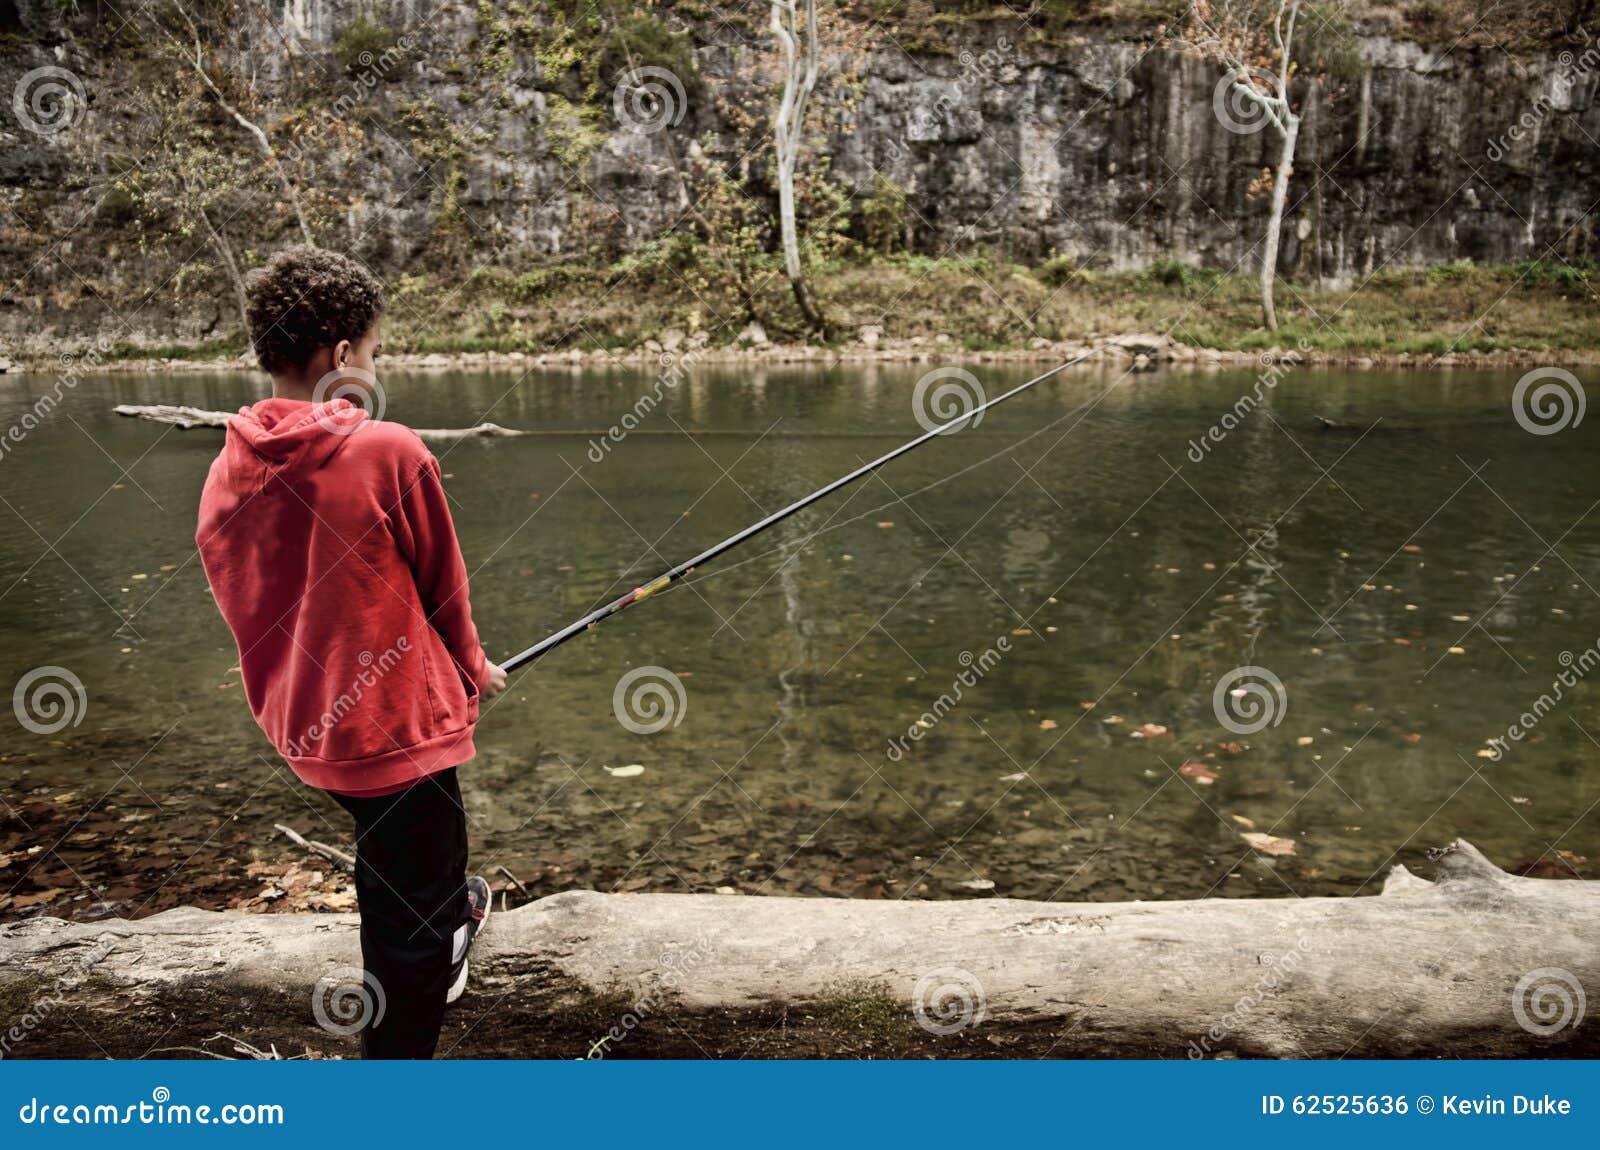 Seriamente su pesca in linea